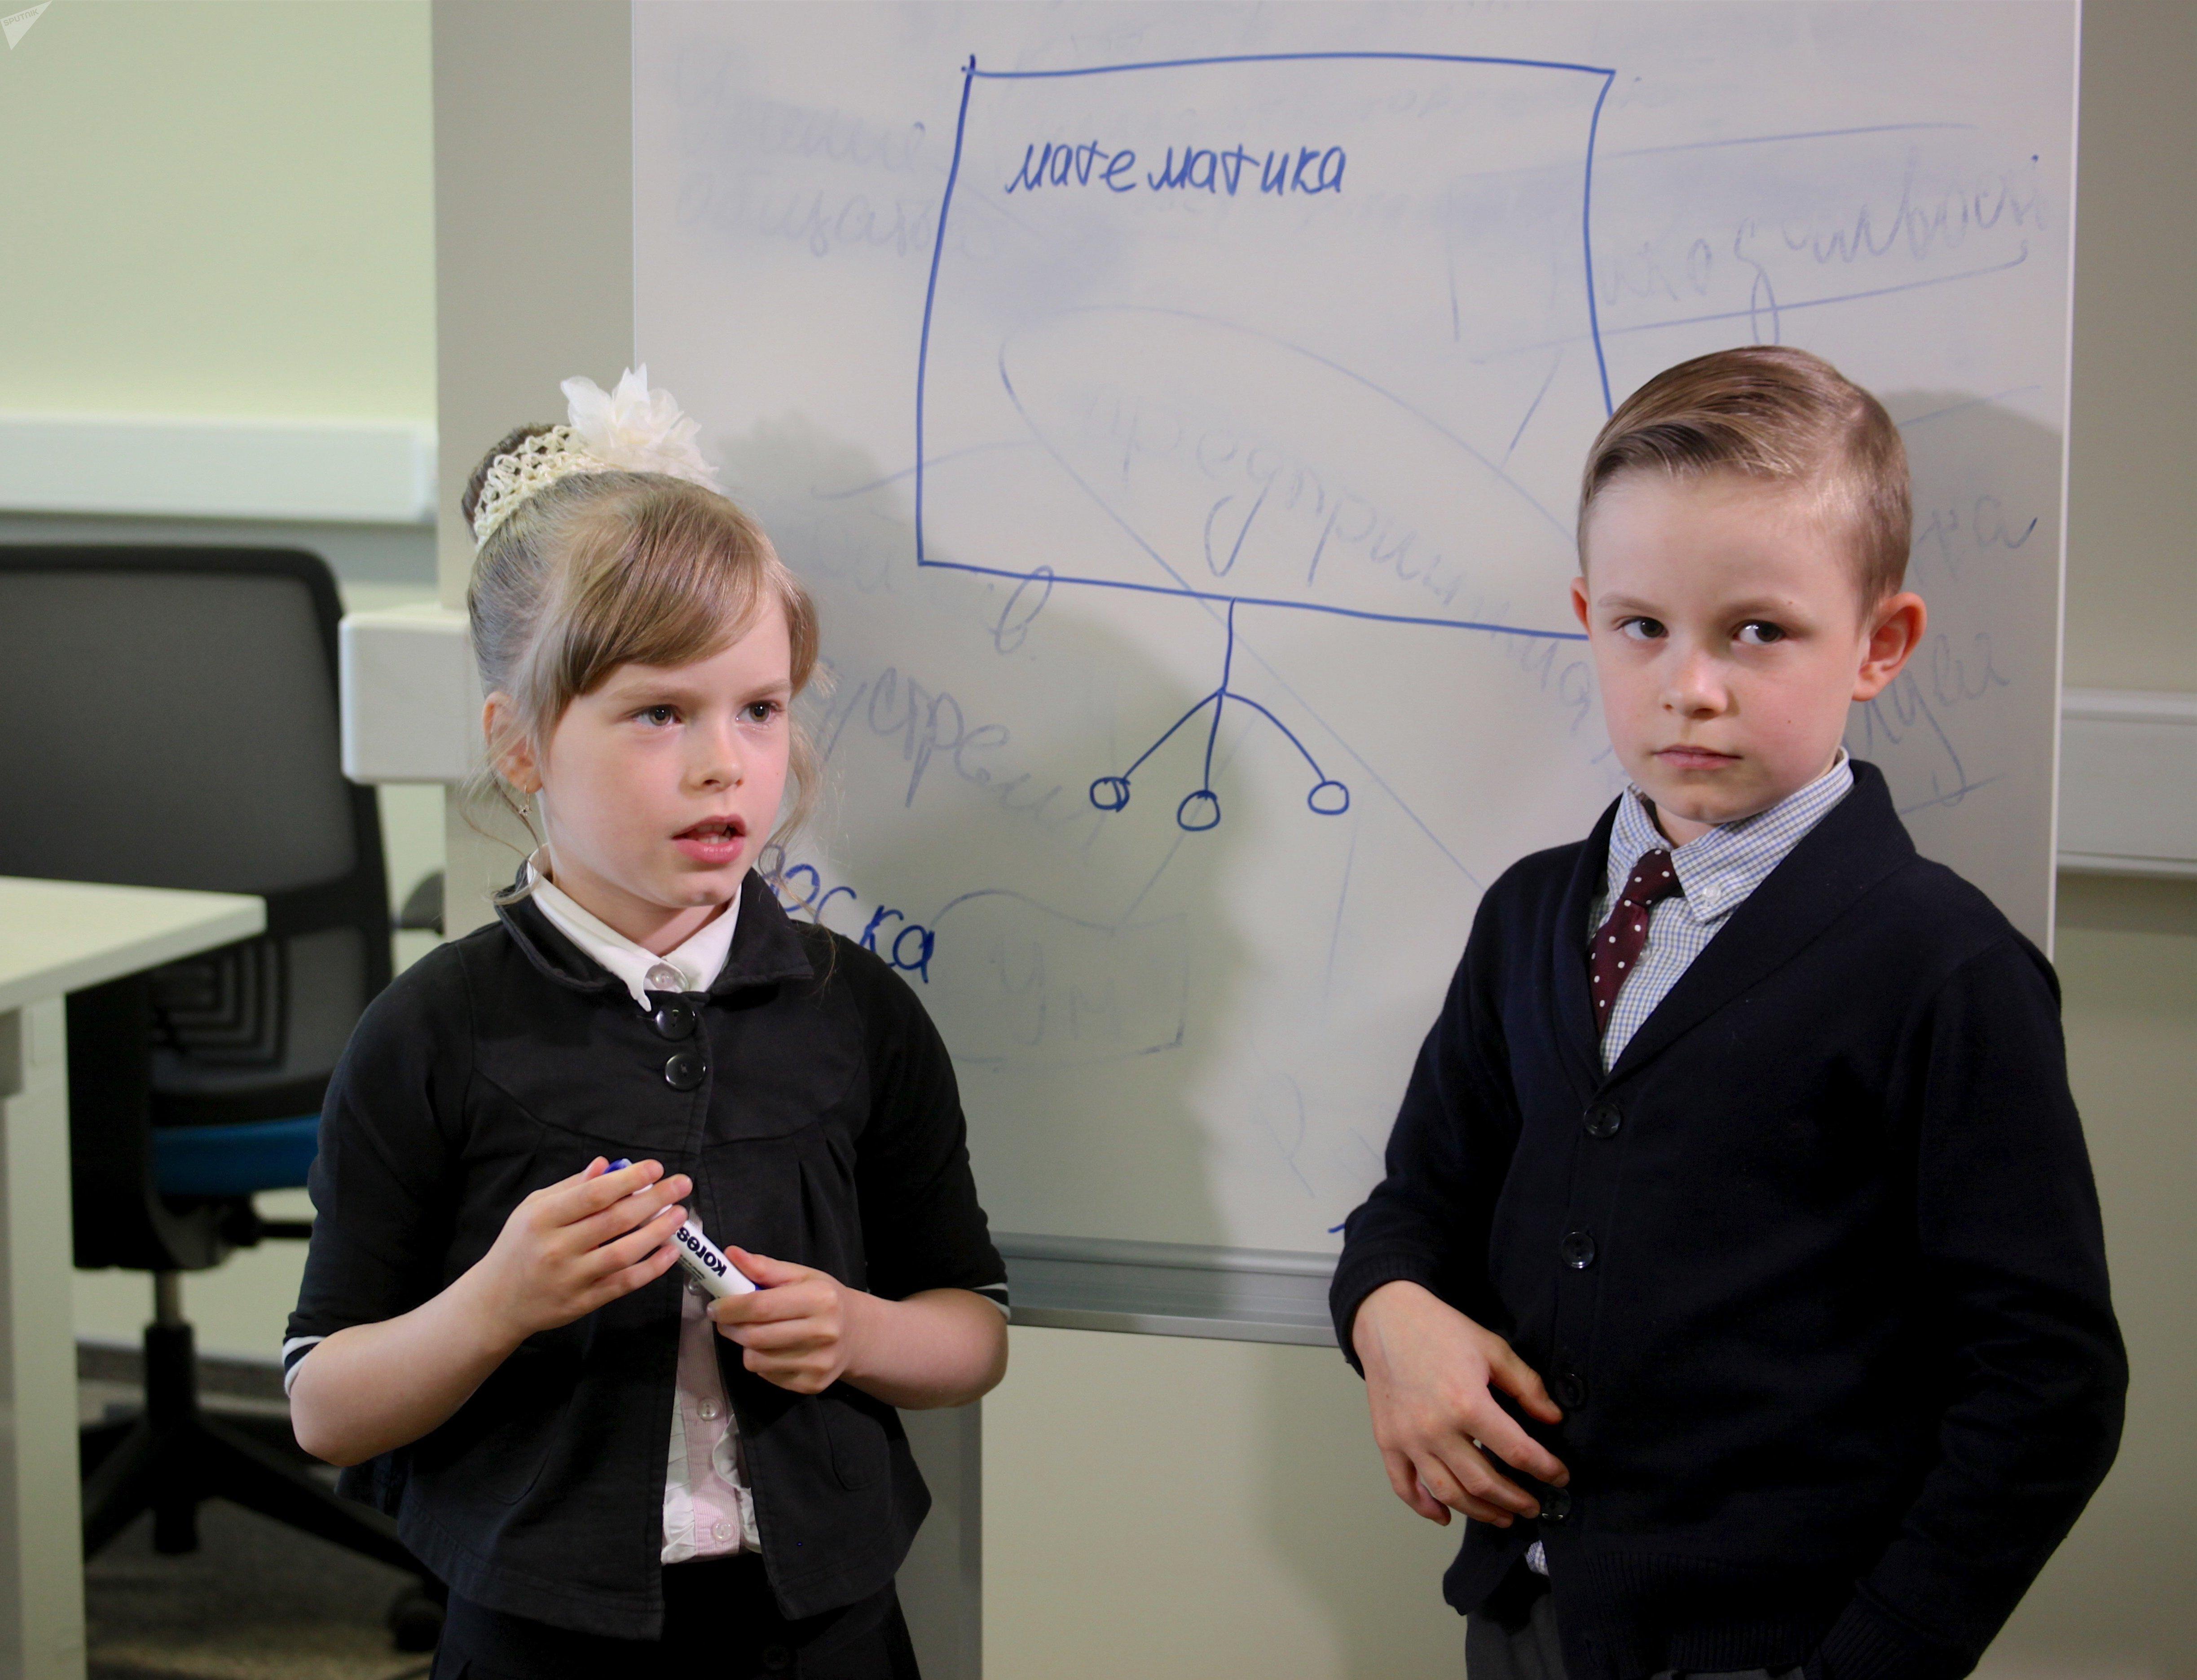 Kira et Danila présentent leur projet